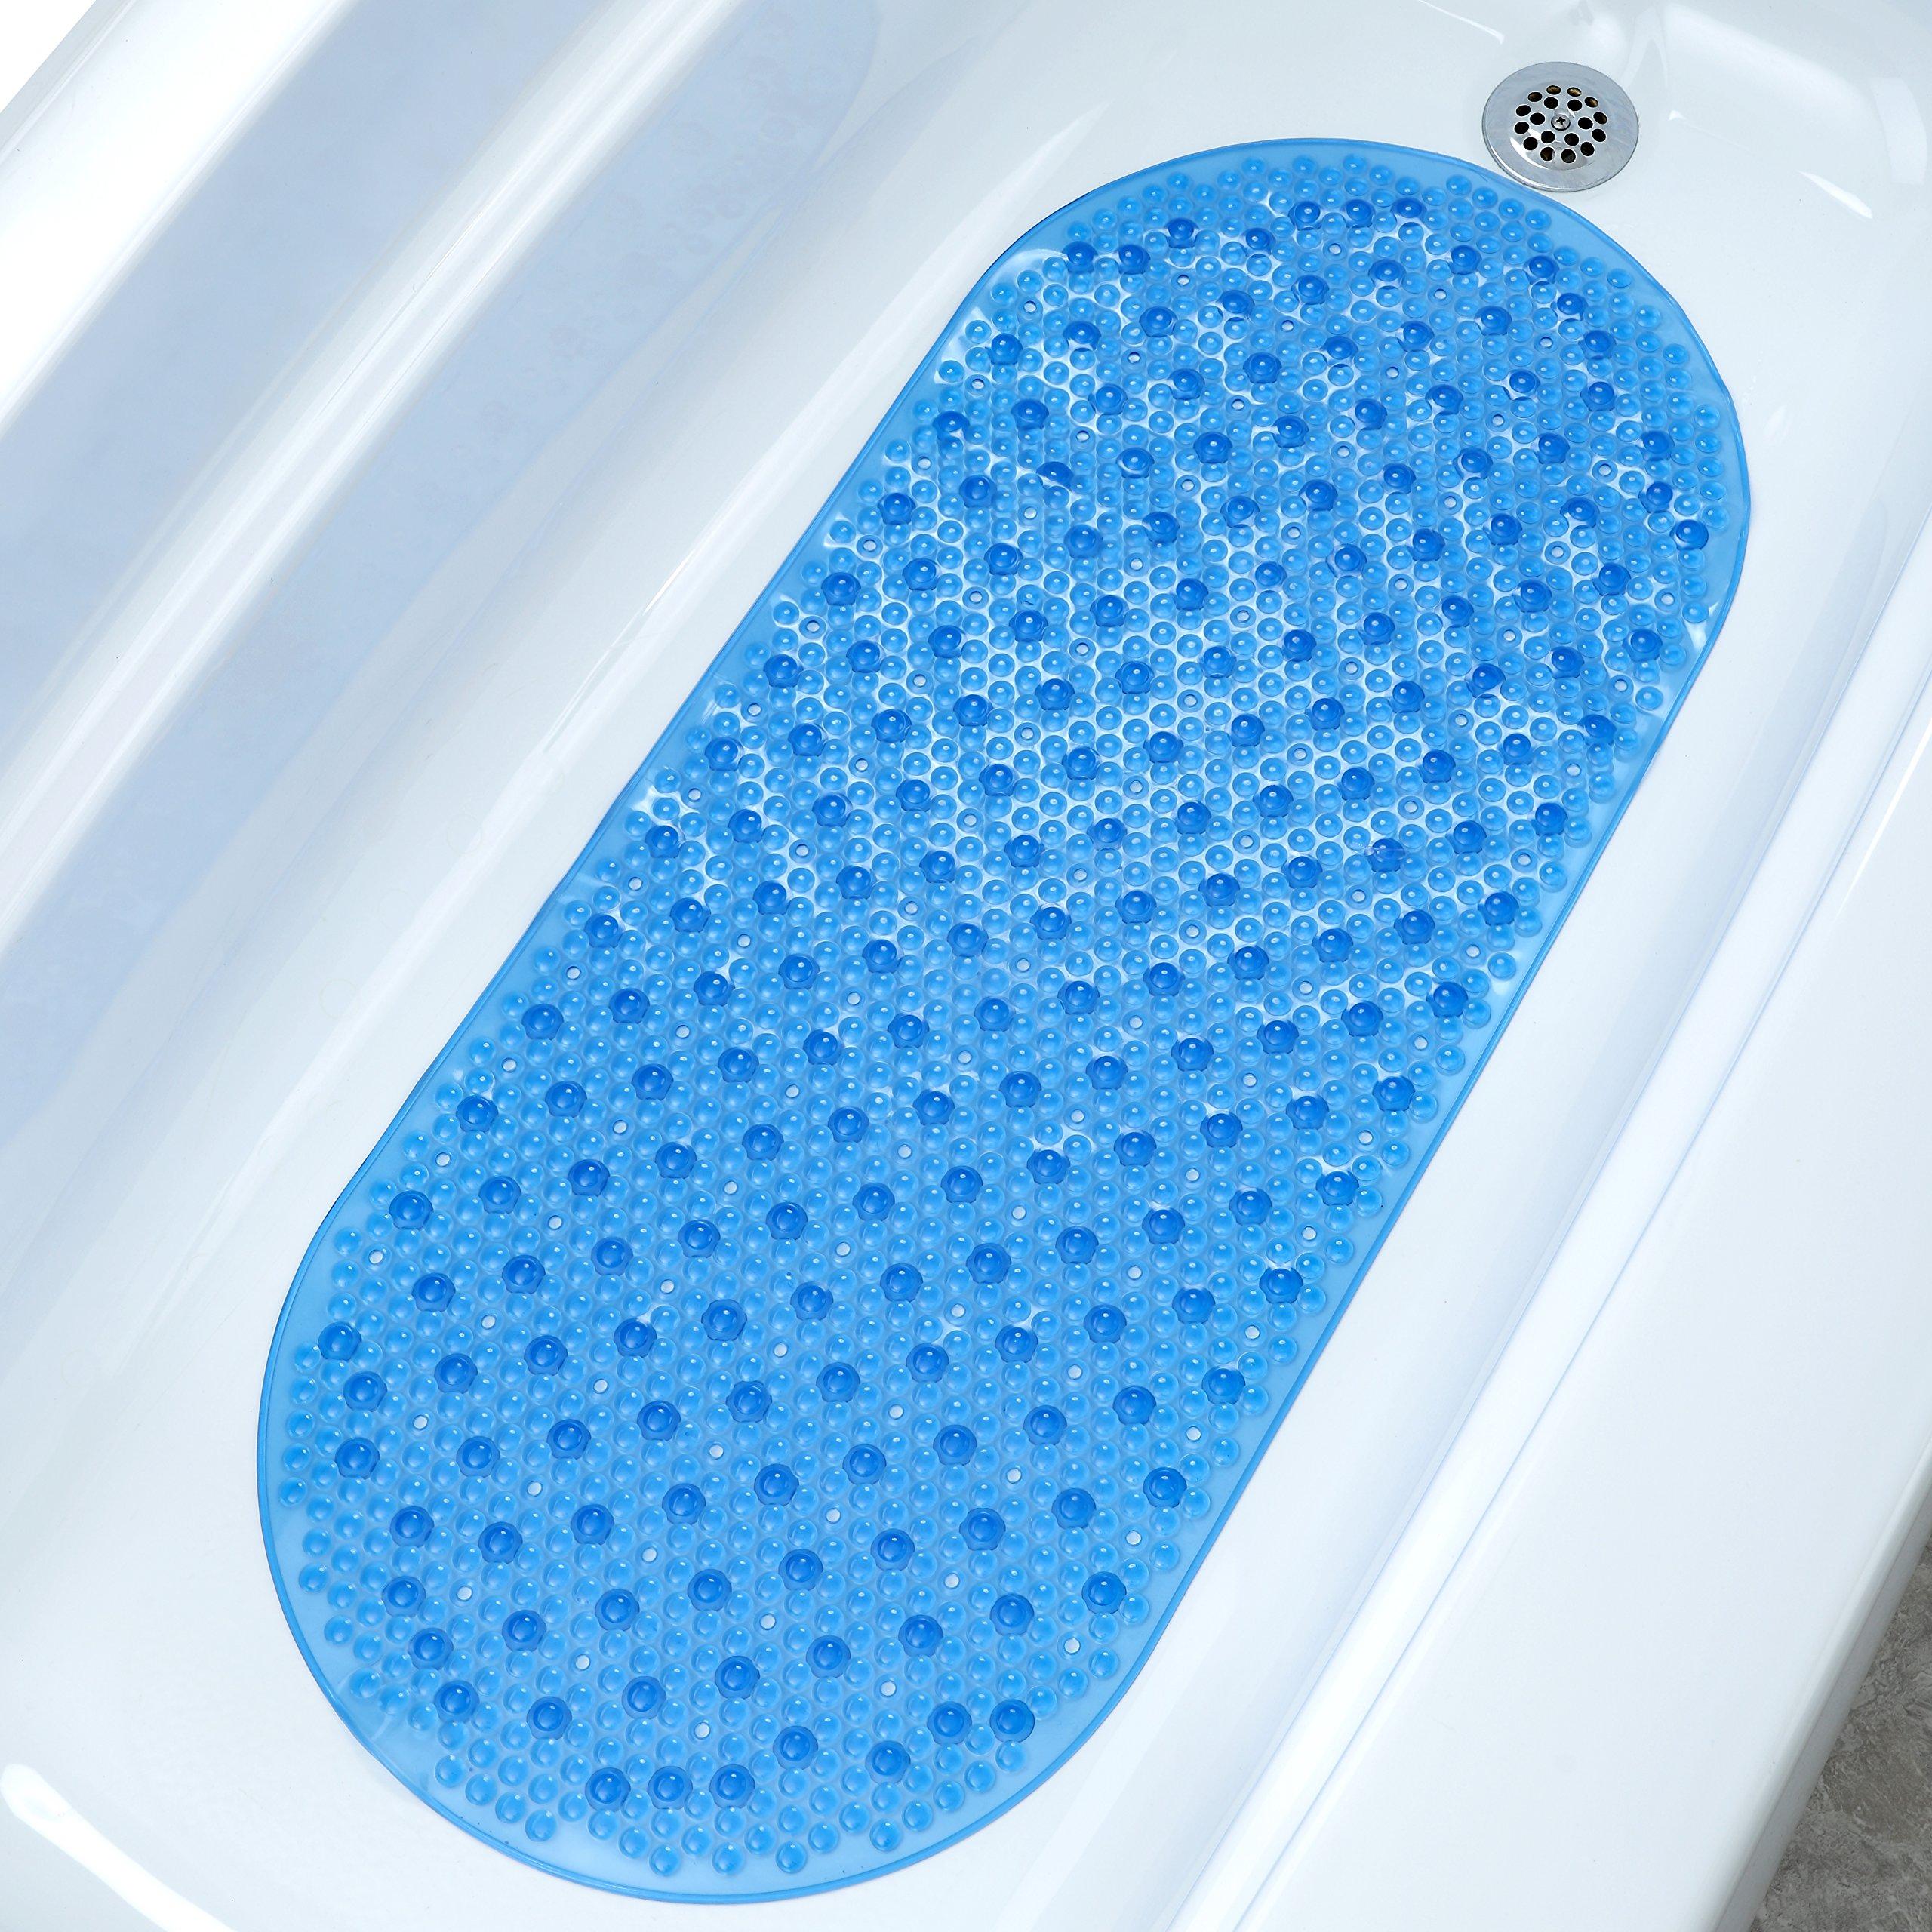 Cheap Bath Bubble Spa Mat, find Bath Bubble Spa Mat deals on line at ...